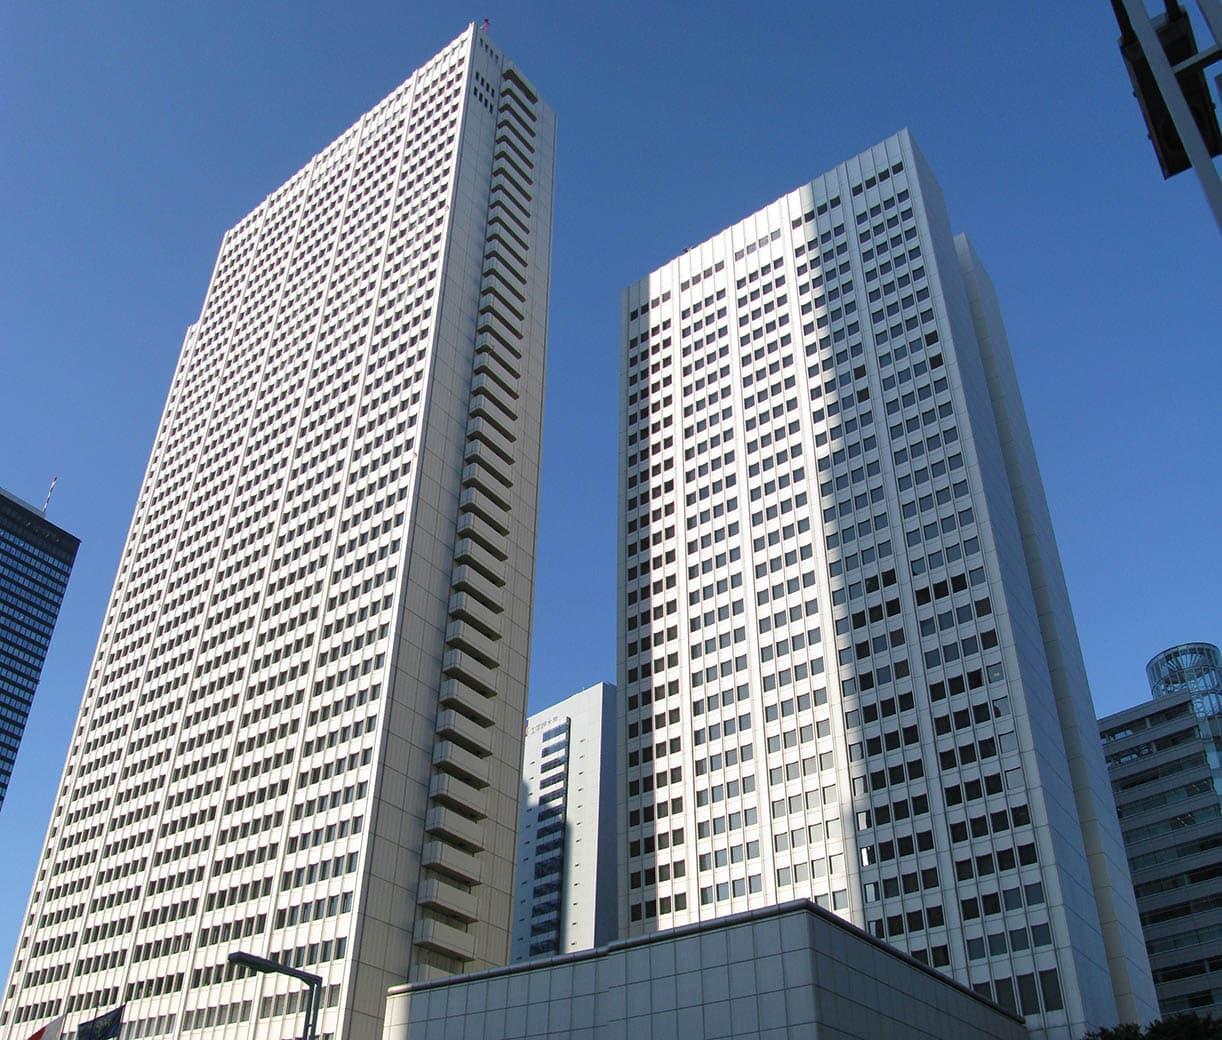 Hotel keio Plaza en Tokio, Japón